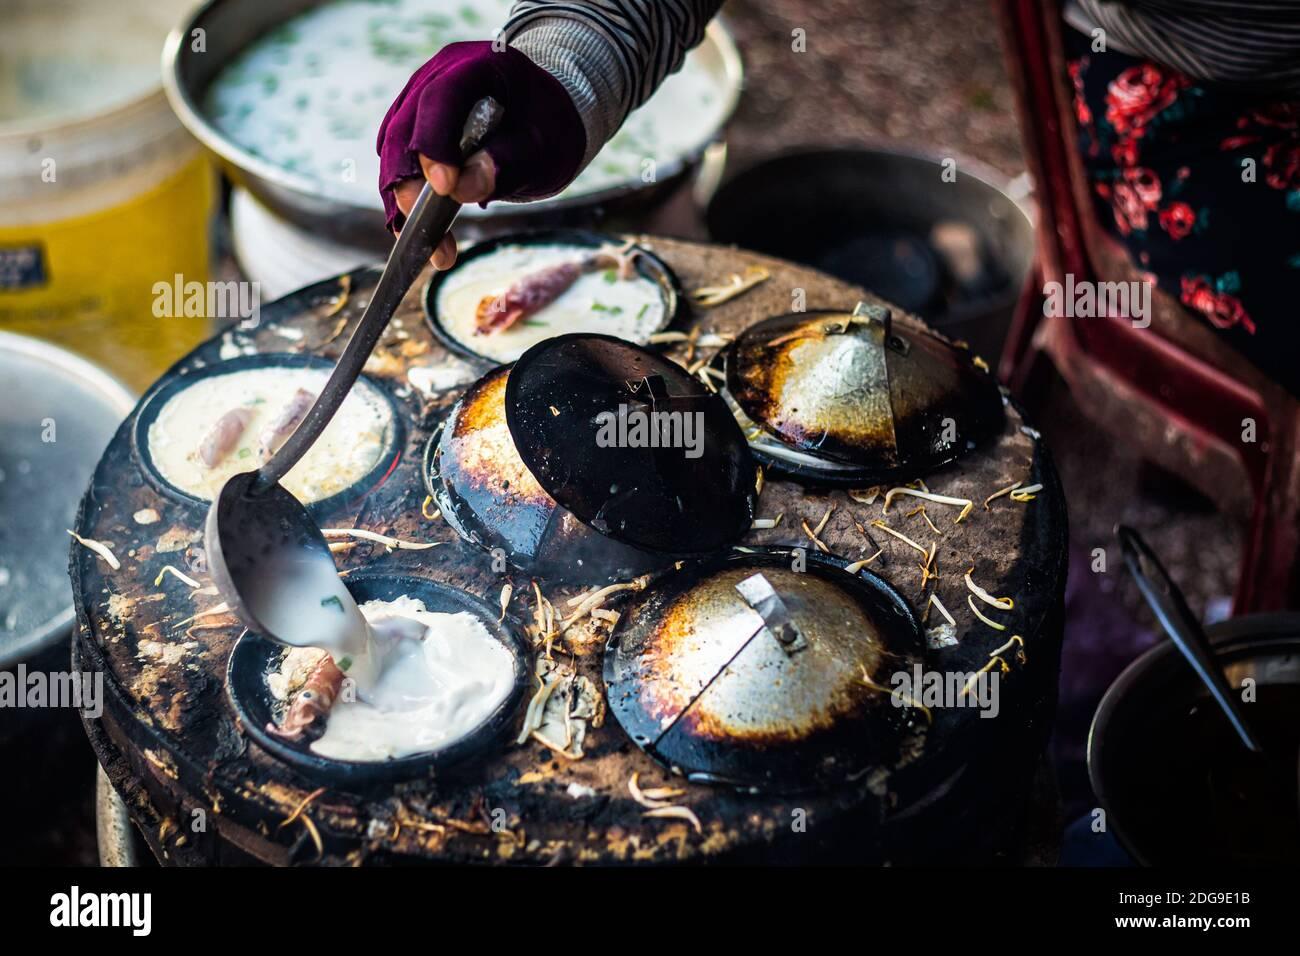 Nha Trang, Vietnam - Banh puede detallar en el mercado de la mañana. Puestos locales de comida fresca cerca de las Torres Po Nagar Cham Foto de stock